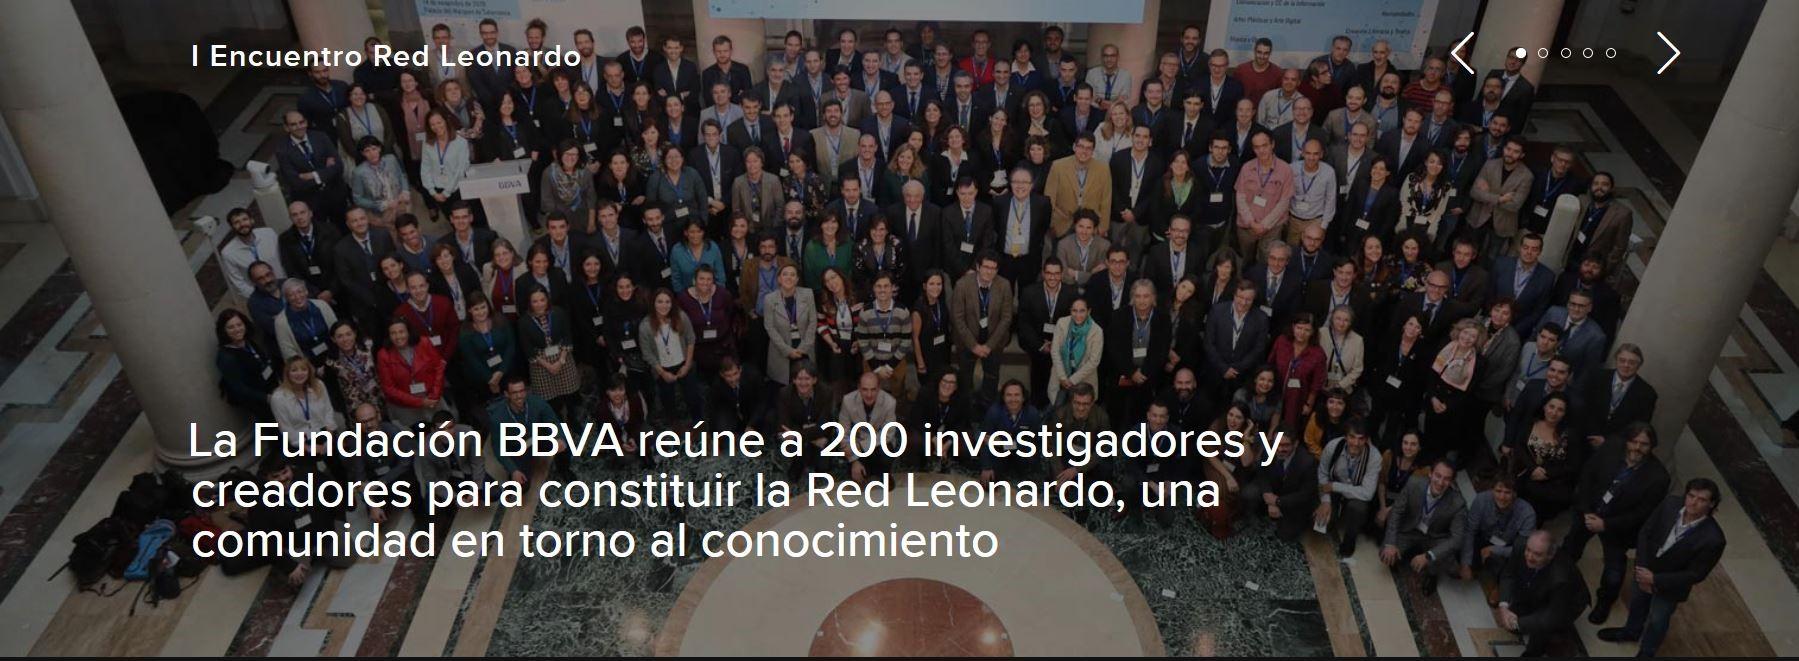 I Encuentro Red Leonardo